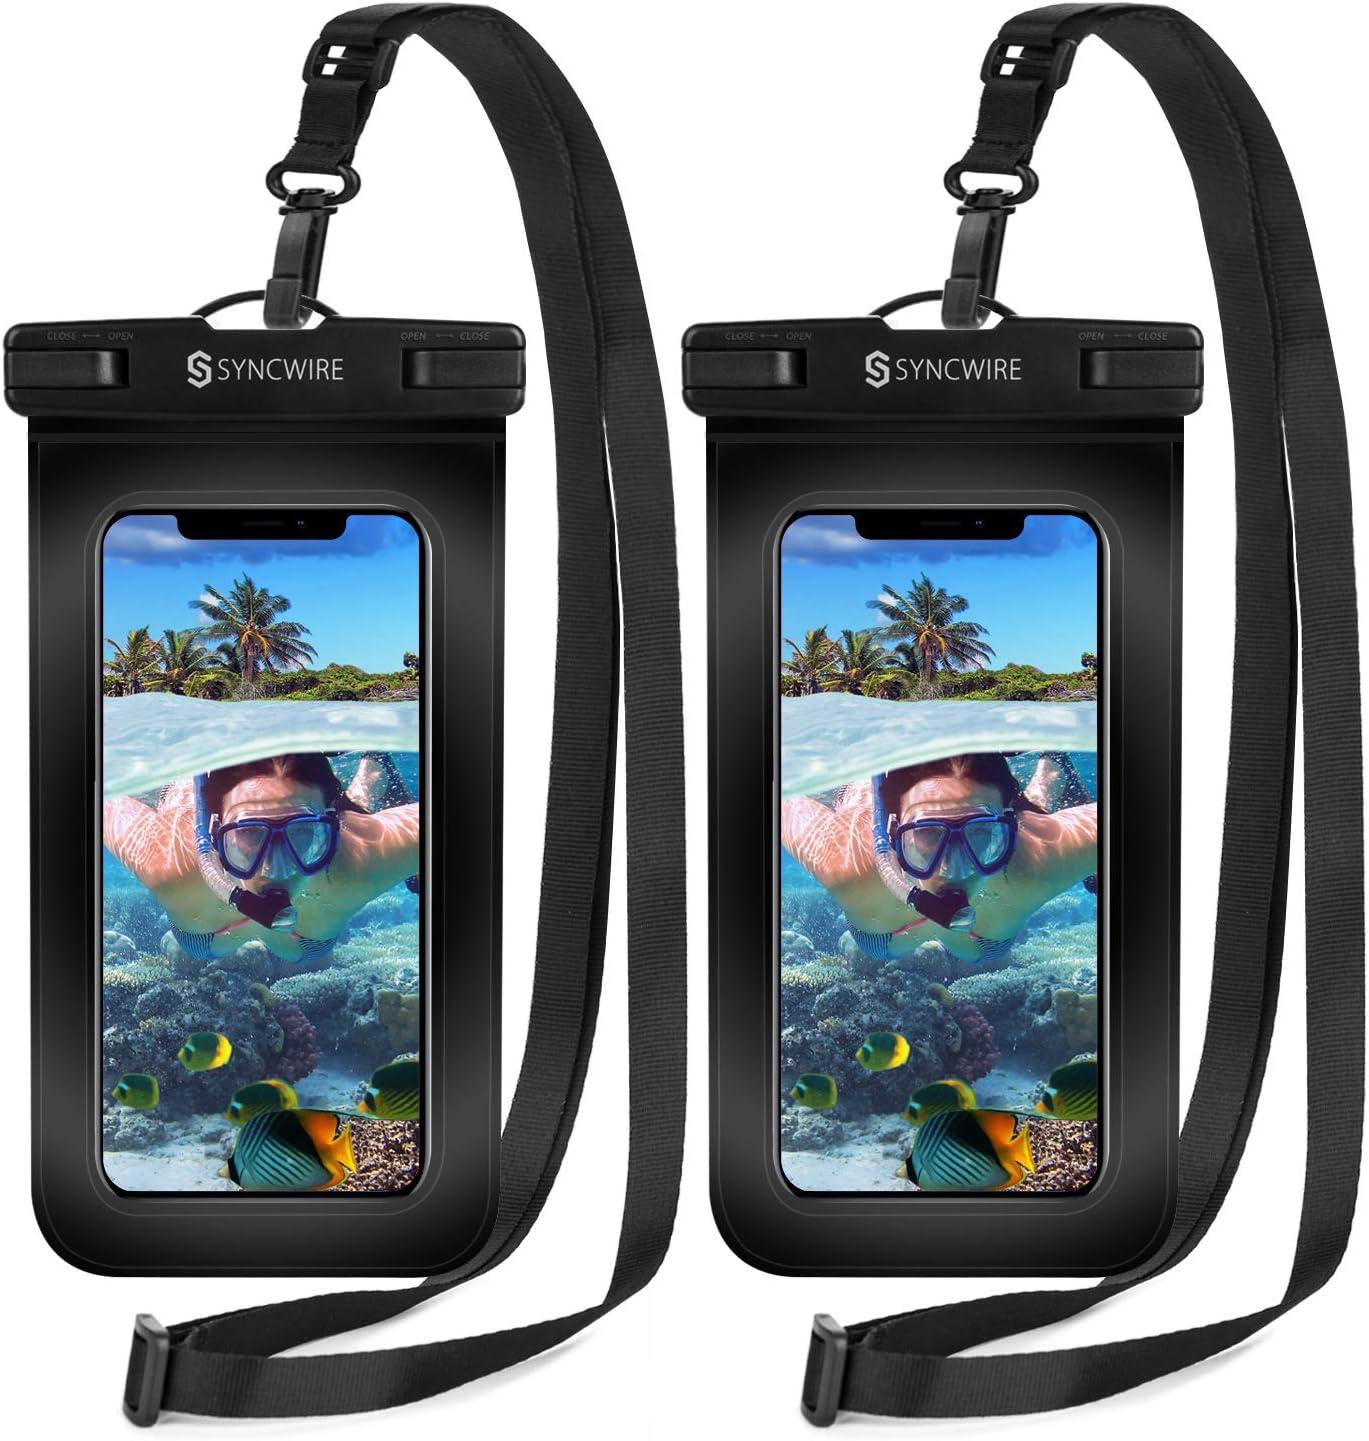 2枚セット [2020最新版] Syncwire 防水ケース スマホ用 IPX8認定 保護密封 iPhone 11 Pro XS MAX XR X 8 7 6s 6 Plus SE 5s Samsung galaxy S10 S9 Huawei P30 P20 Mate20 Proに対応 7インチ以下多機種対応 水中撮影 お風呂 海水浴 水泳など適用 透明 の画像